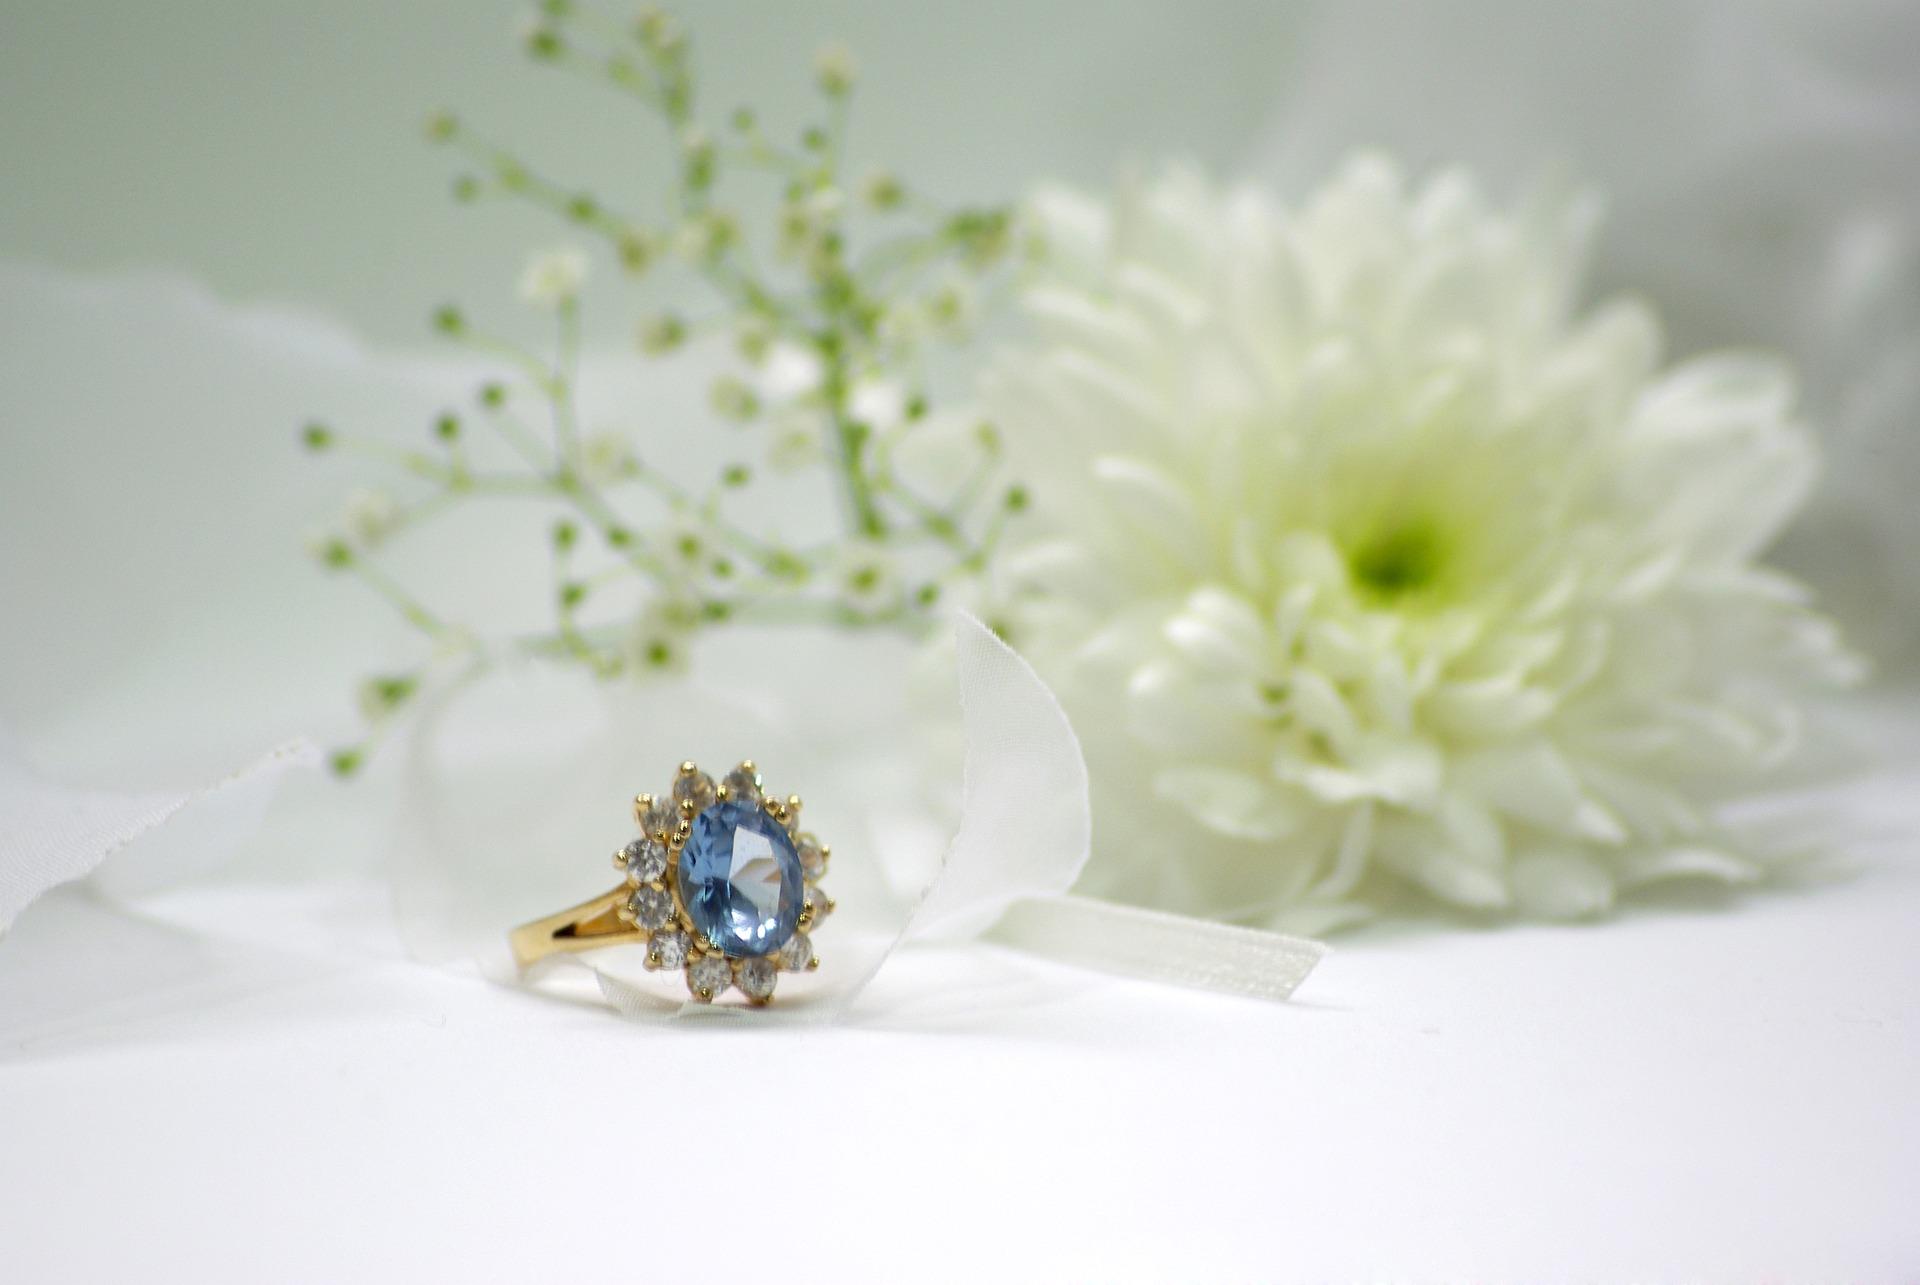 Farbschema Hochzeit Carinas Hochzeitsplanung Welches Farbschema für die Hochzeit  wählen? Tipps & Erfahrungen